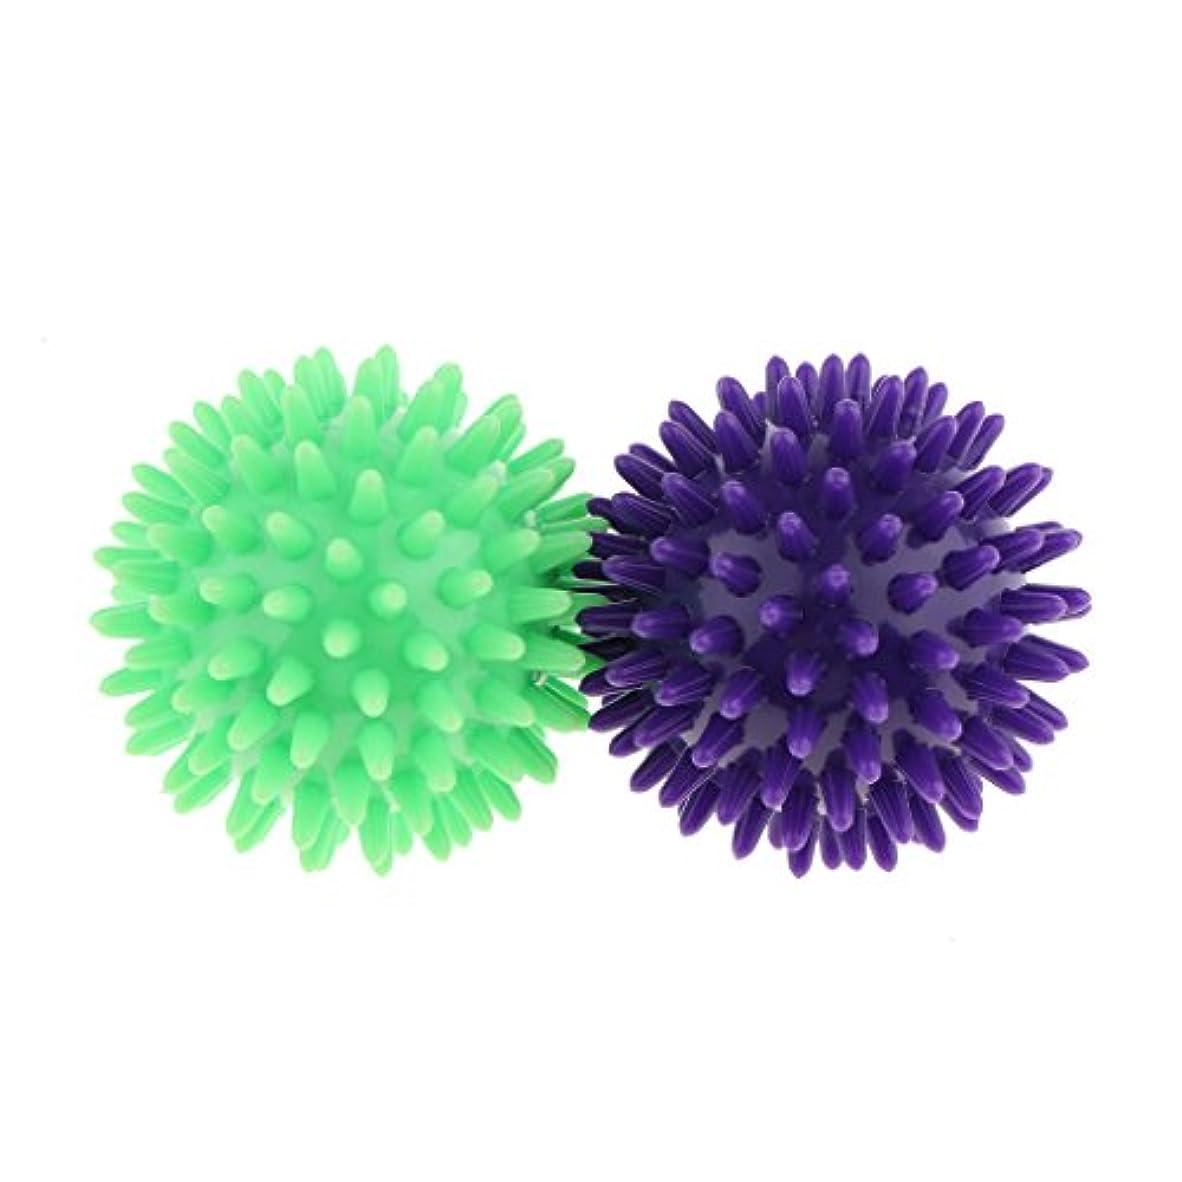 ストロー口径意図するマッサージボール スパイシー マッサージ ボール ボディトリガー ポイント 2個セット 3タイプ選べ - 紫ライトグリーン